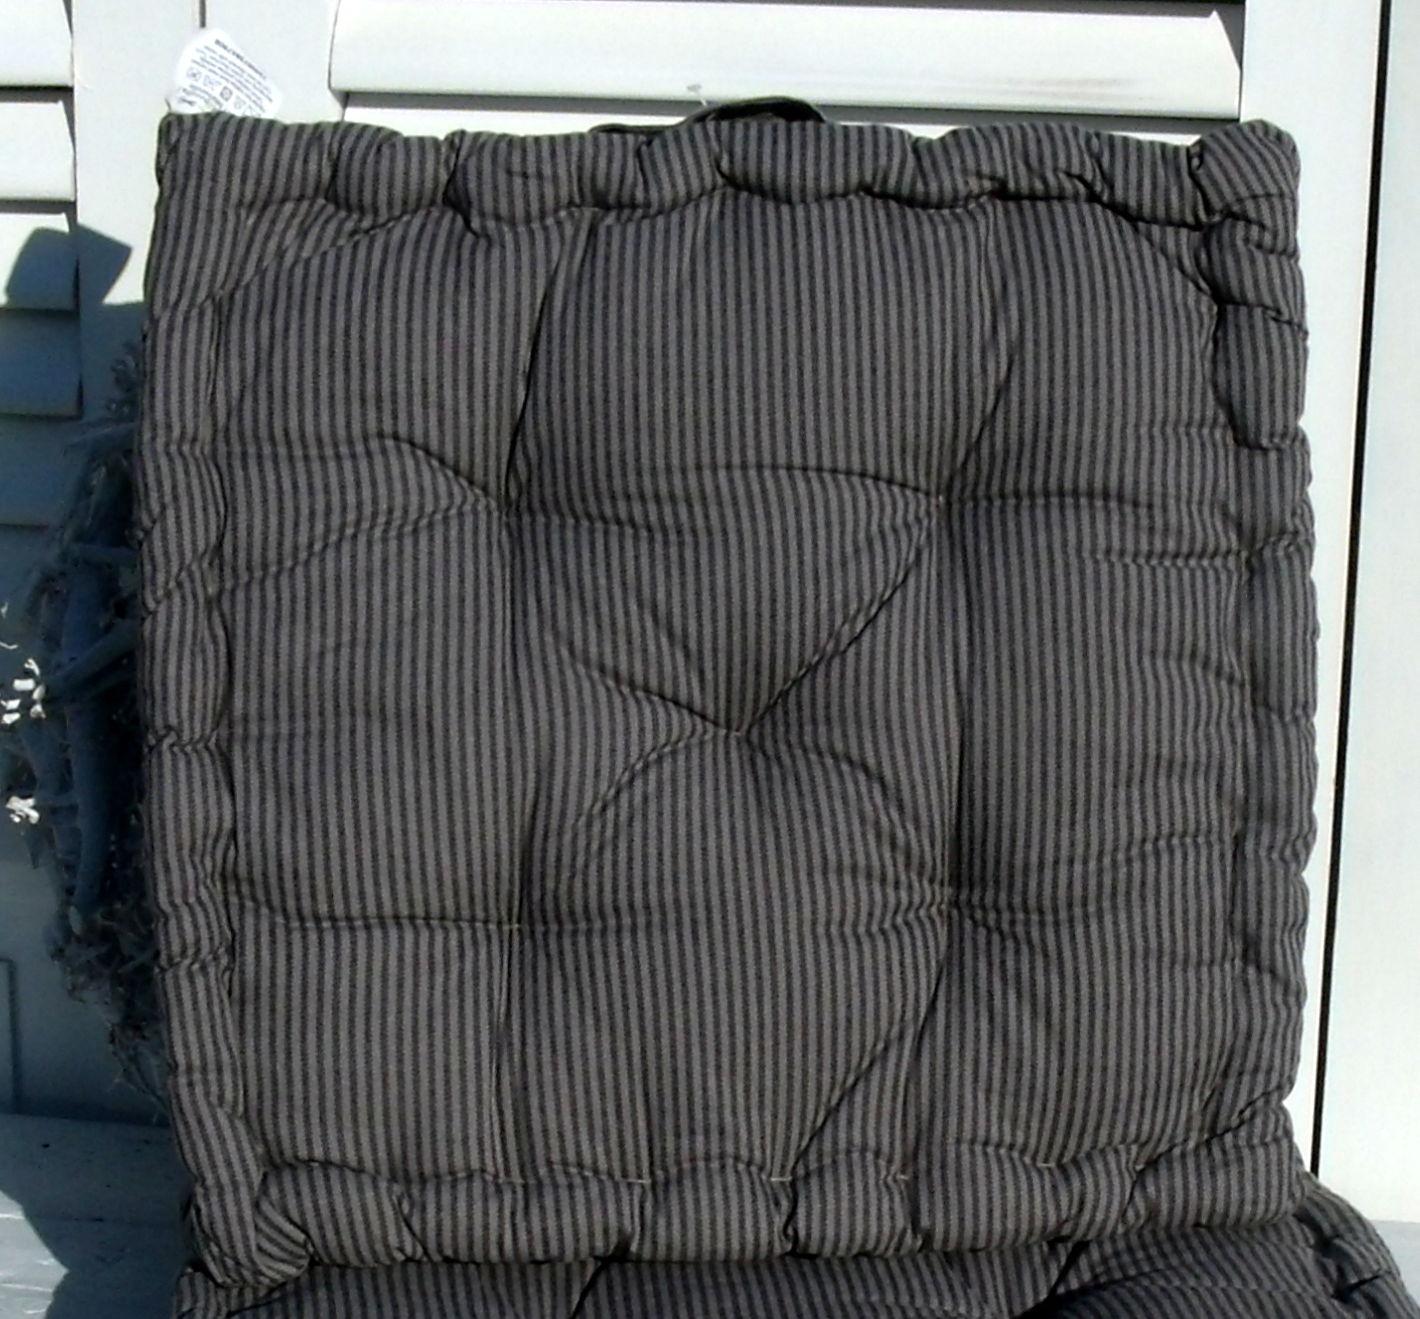 matratzenkissen stripe schwarz 40x40 cm matratzenkissen stuhlkissen kissen zauberhafter. Black Bedroom Furniture Sets. Home Design Ideas